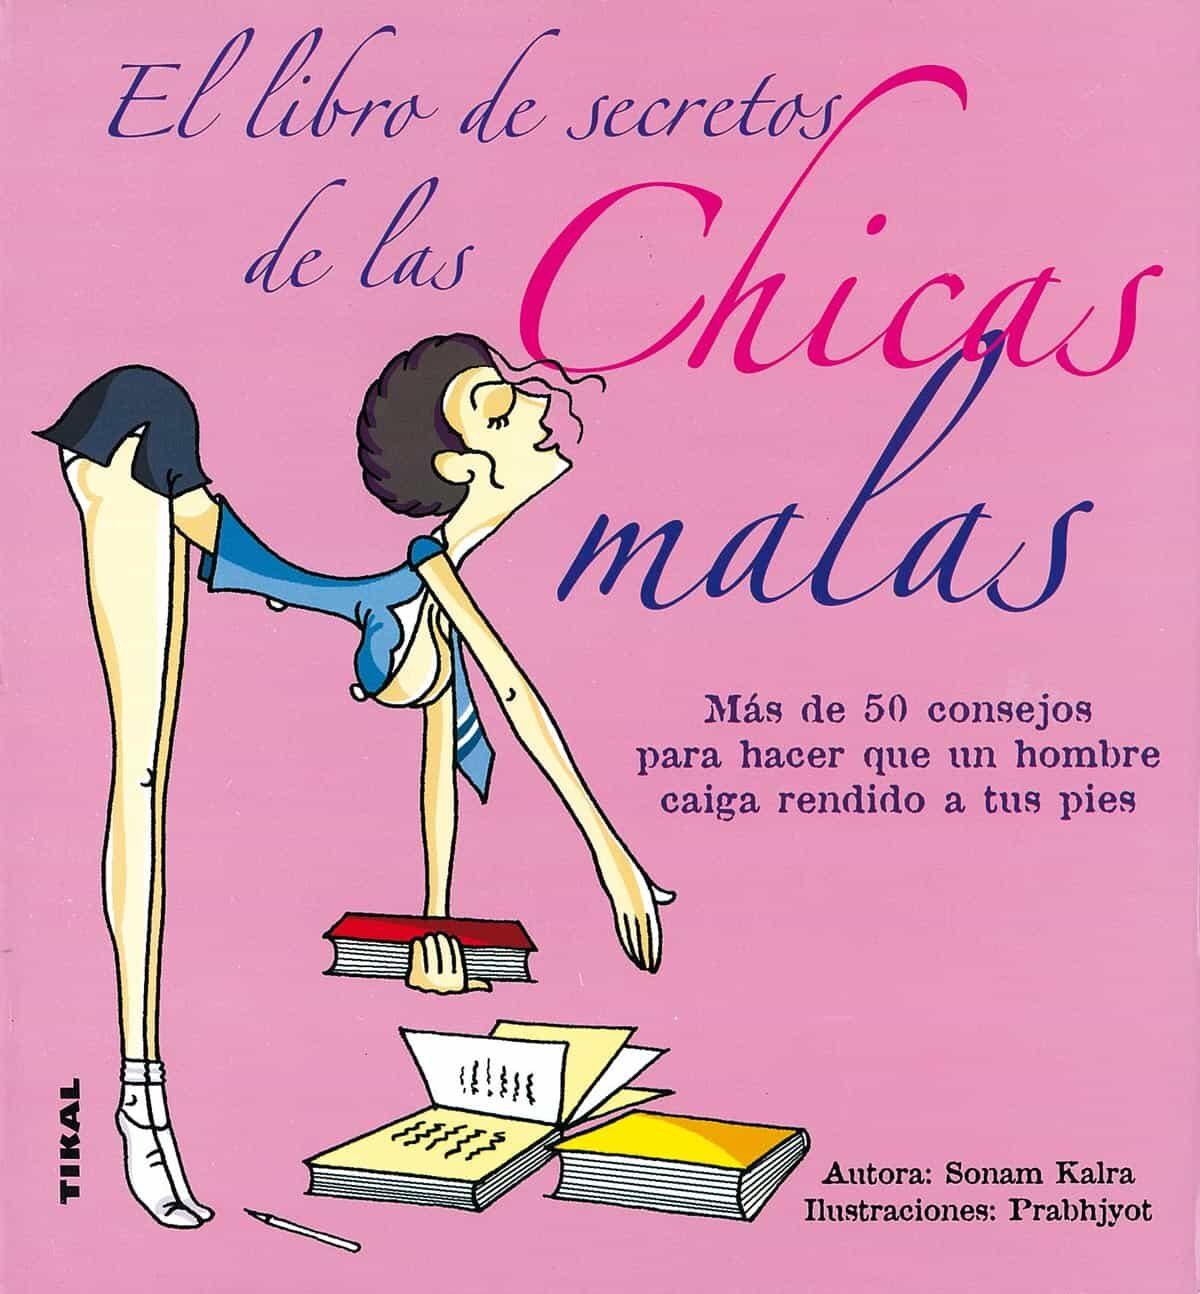 El Libro De Secretos De Las Chicas Malas (mas De 50 Consejos Para Hacer Que Un Hombre Caiga Rendido A Tus Pies) por Sonam Kalra